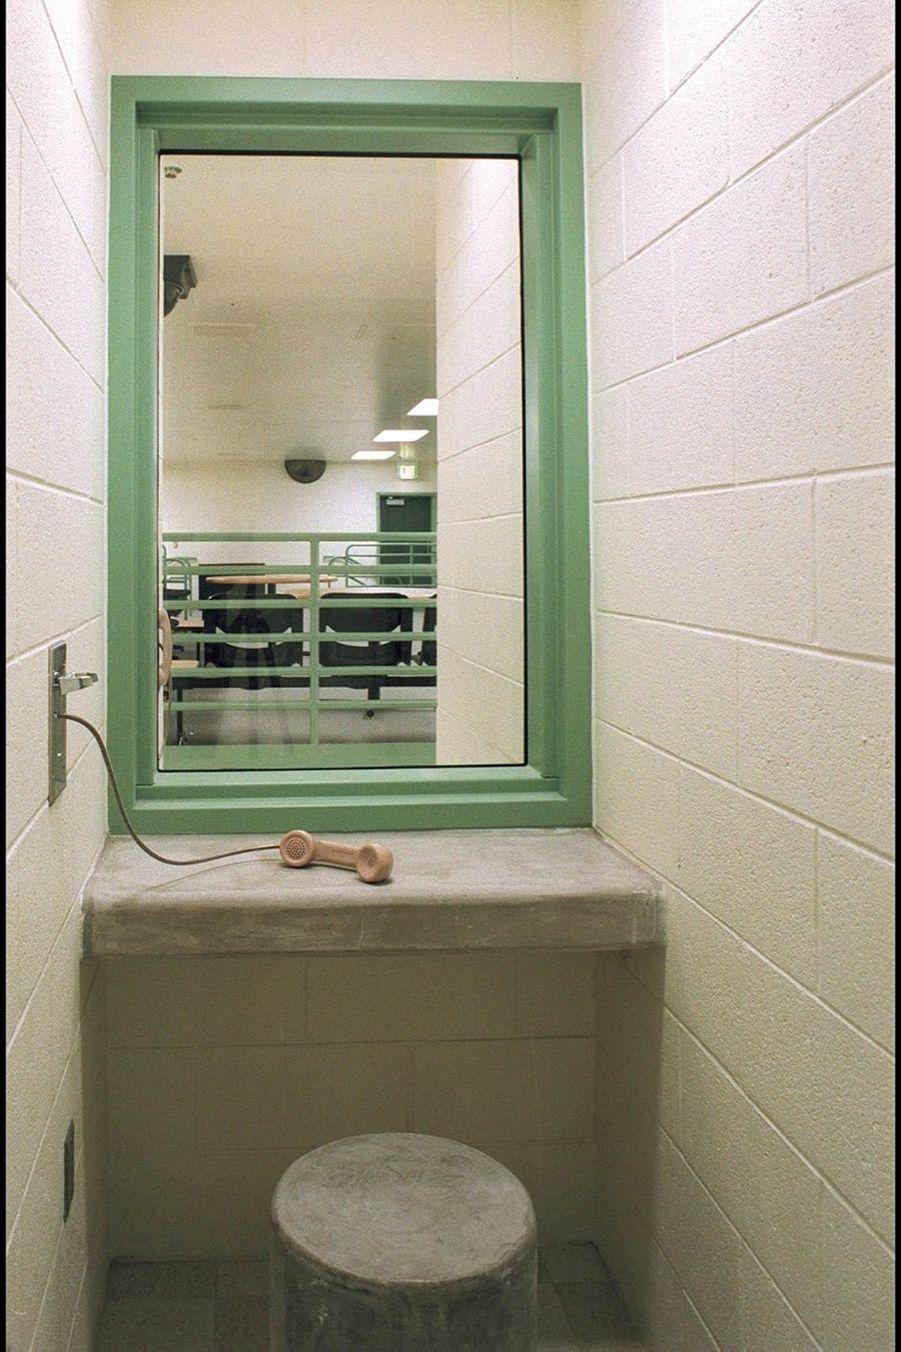 Les détenus n'ont droit qu'à un appel par mois. Ils peuvent en « gagner » d'autres pour « bonne conduite ».